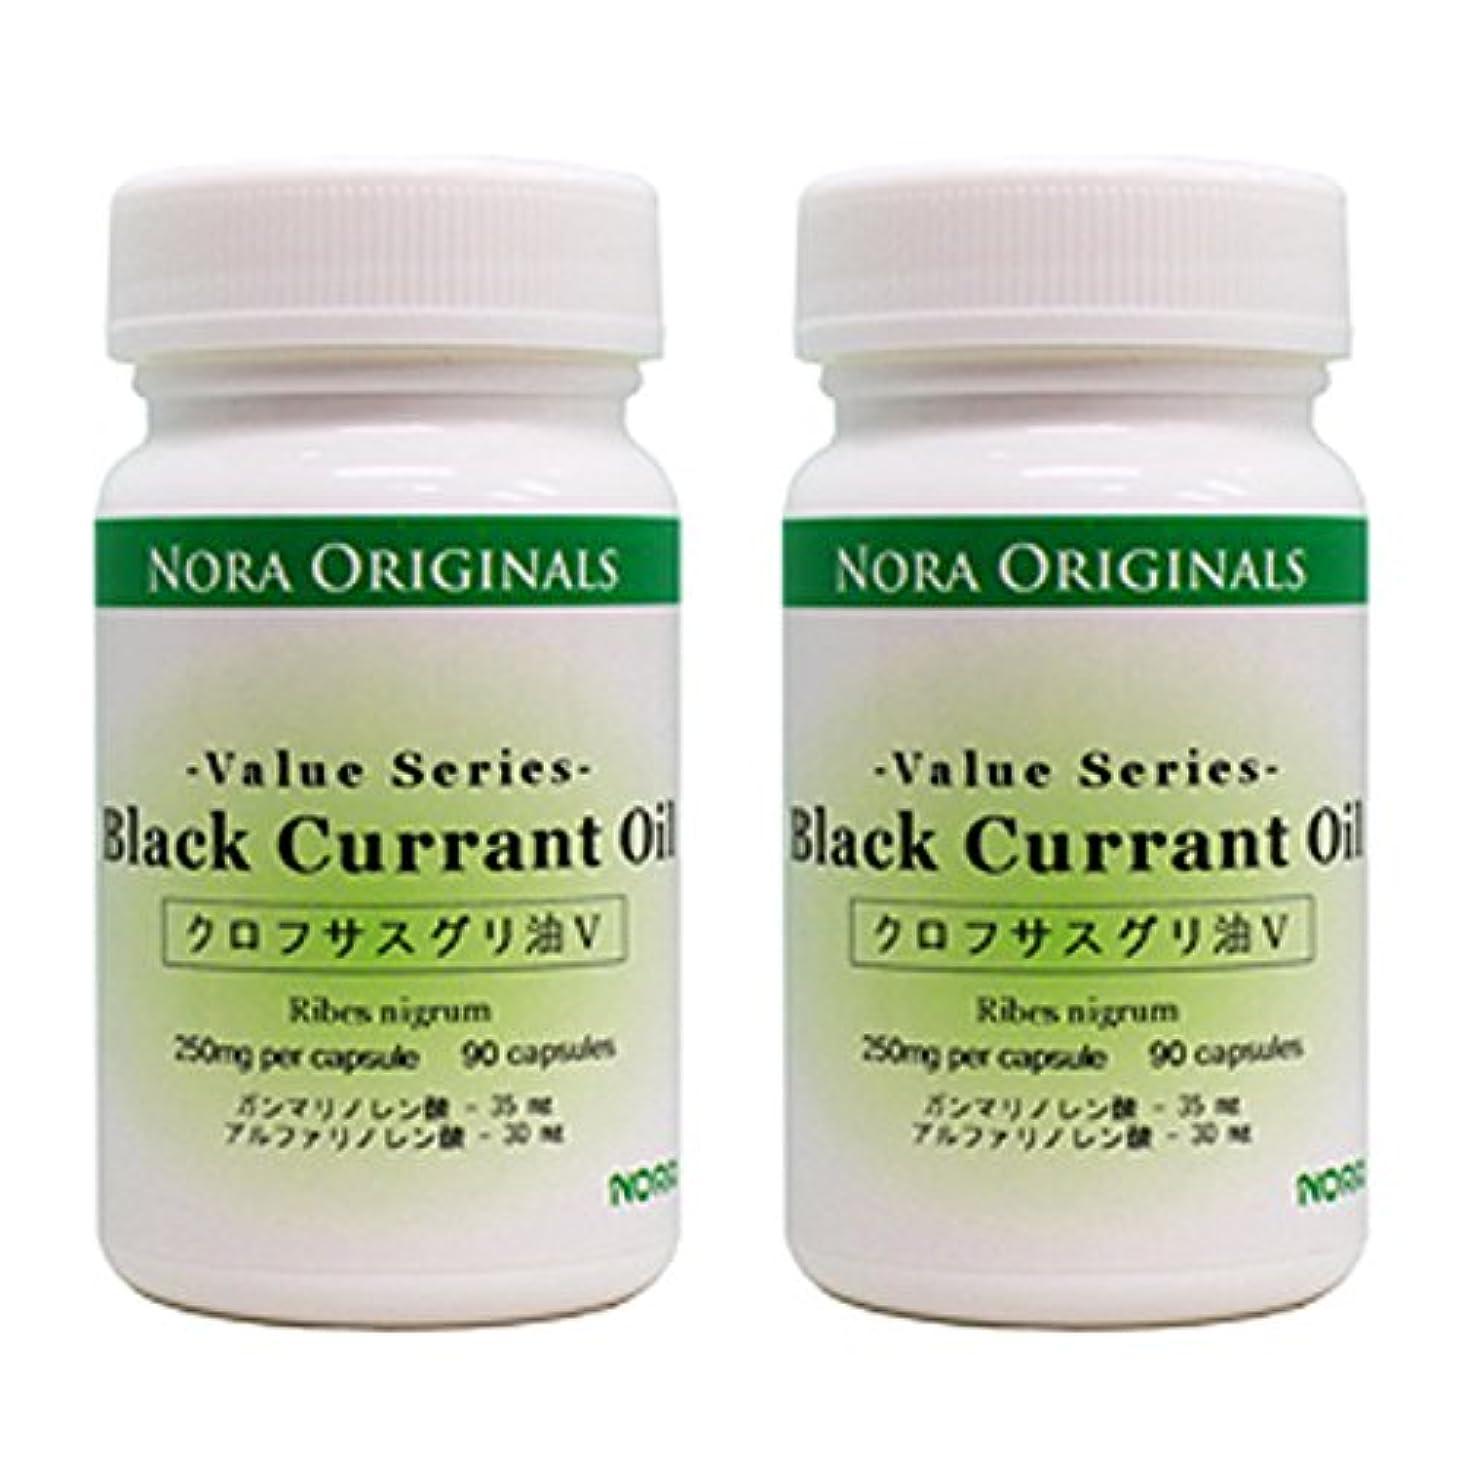 ギャロップノイズ超えるノラ?オリジナルズ クロフサスグリ油 V Black Currant Oil V オイル 250mg 90カプセル 2個セット